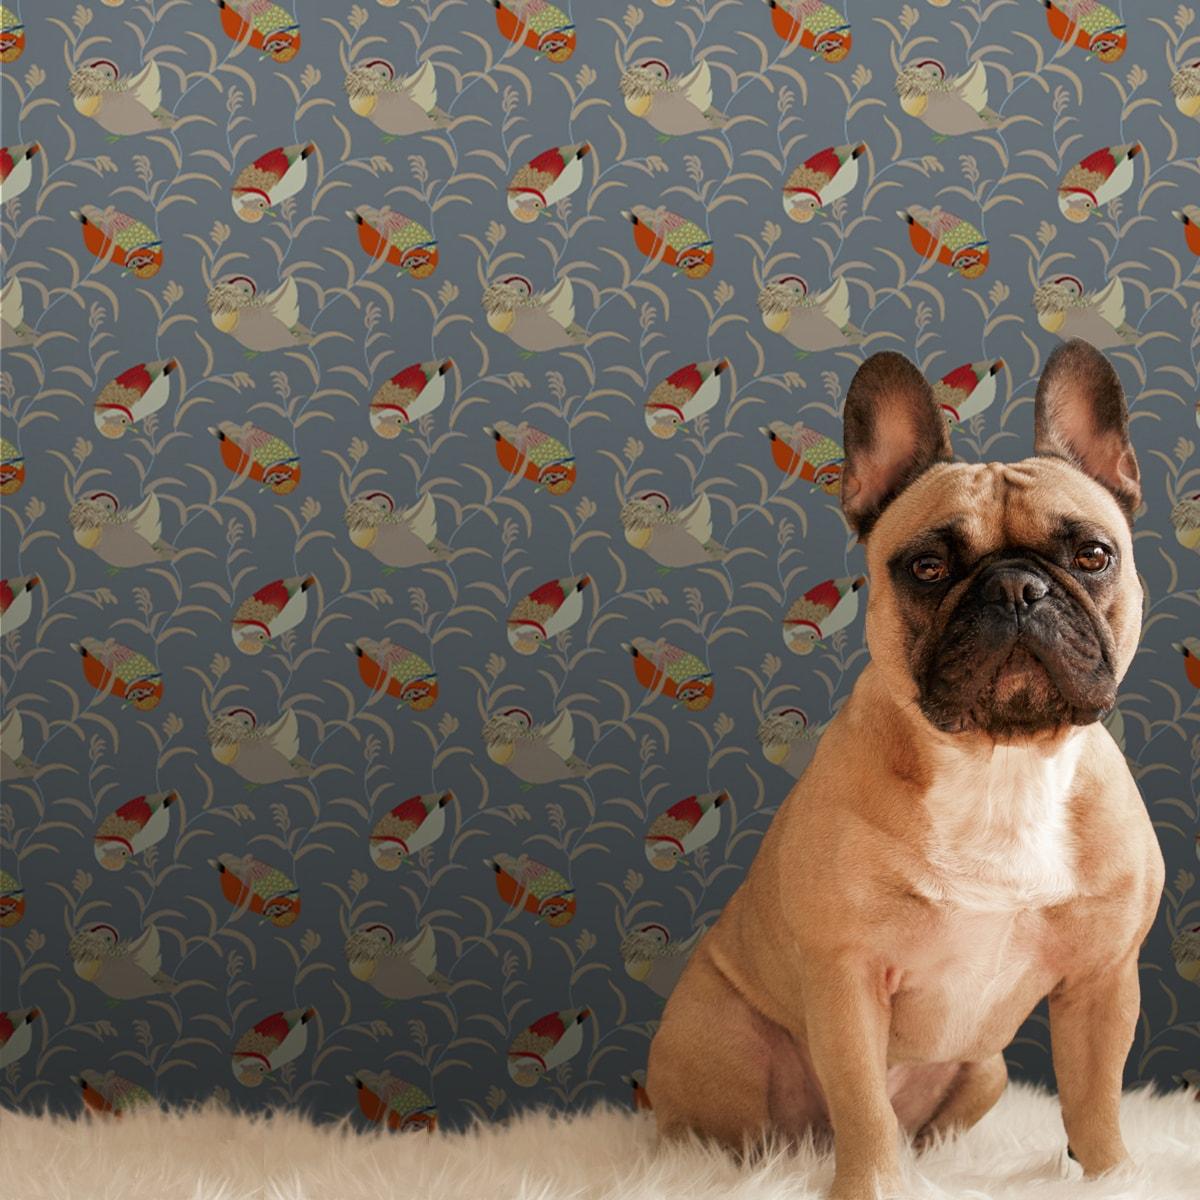 """Tapete Wohnzimmer orange: """"Im Schlossteich"""" Design Tapete mit Enten im Schilf in grau blau Wandgestaltung Wohnzimmer"""